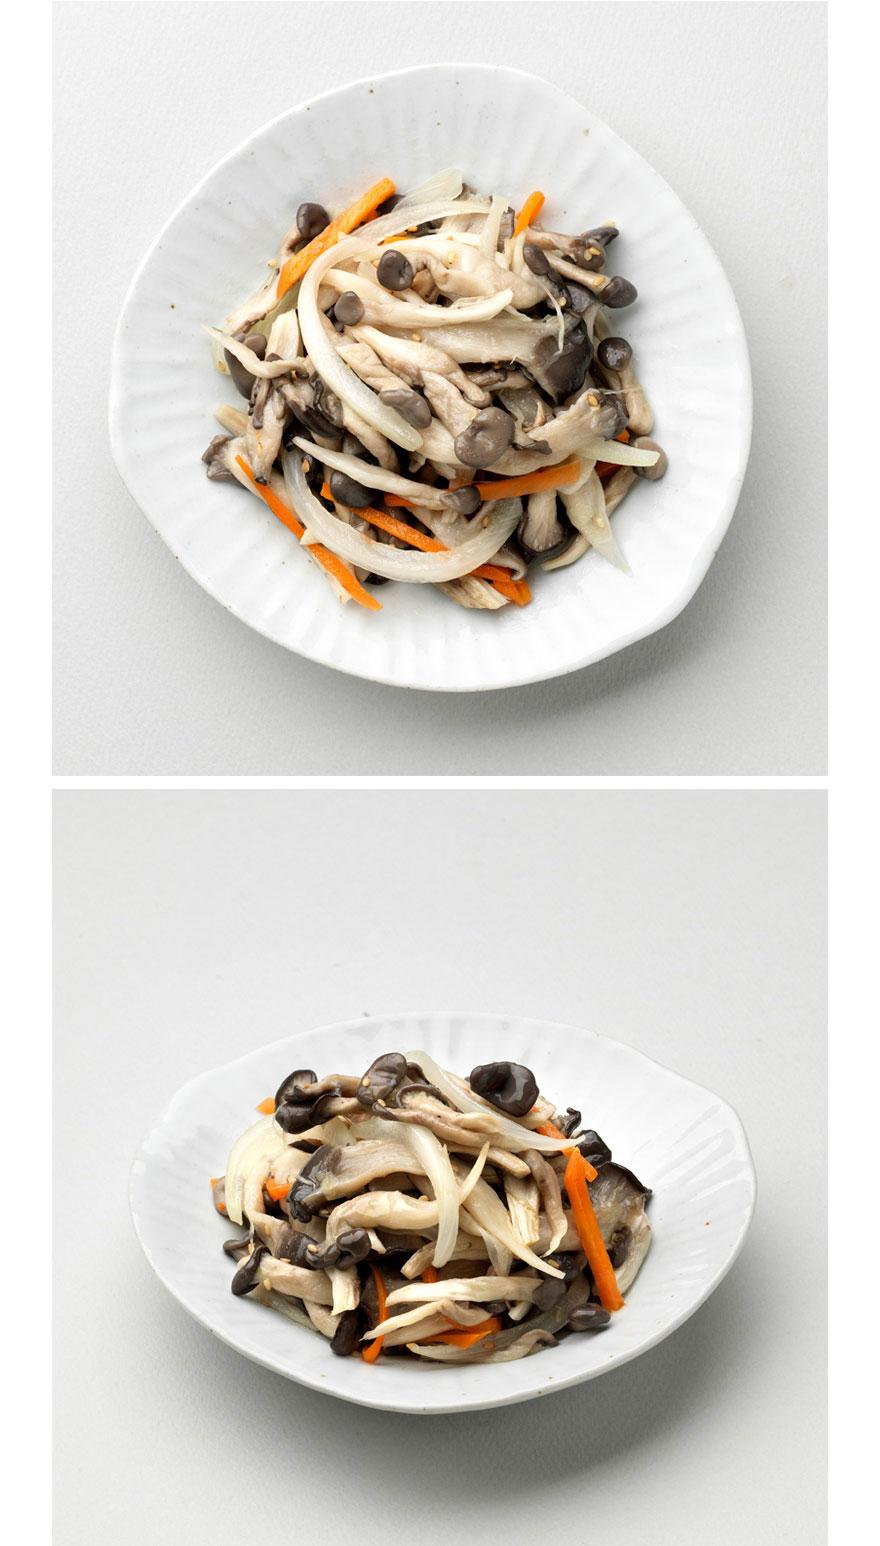 느타리버섯볶음 언제 먹어도 질리지 않는 쫄깃한 느타리버섯볶음은 식탁 위 단골 반찬입니다. 담백하면서 자극적이지 않고, 버섯 특유의 향미가 입맛을 돋우는데요. 감칠맛 나게 볶아진 느타리버섯볶음만 있어도 식탁 위가 풍성해져요.